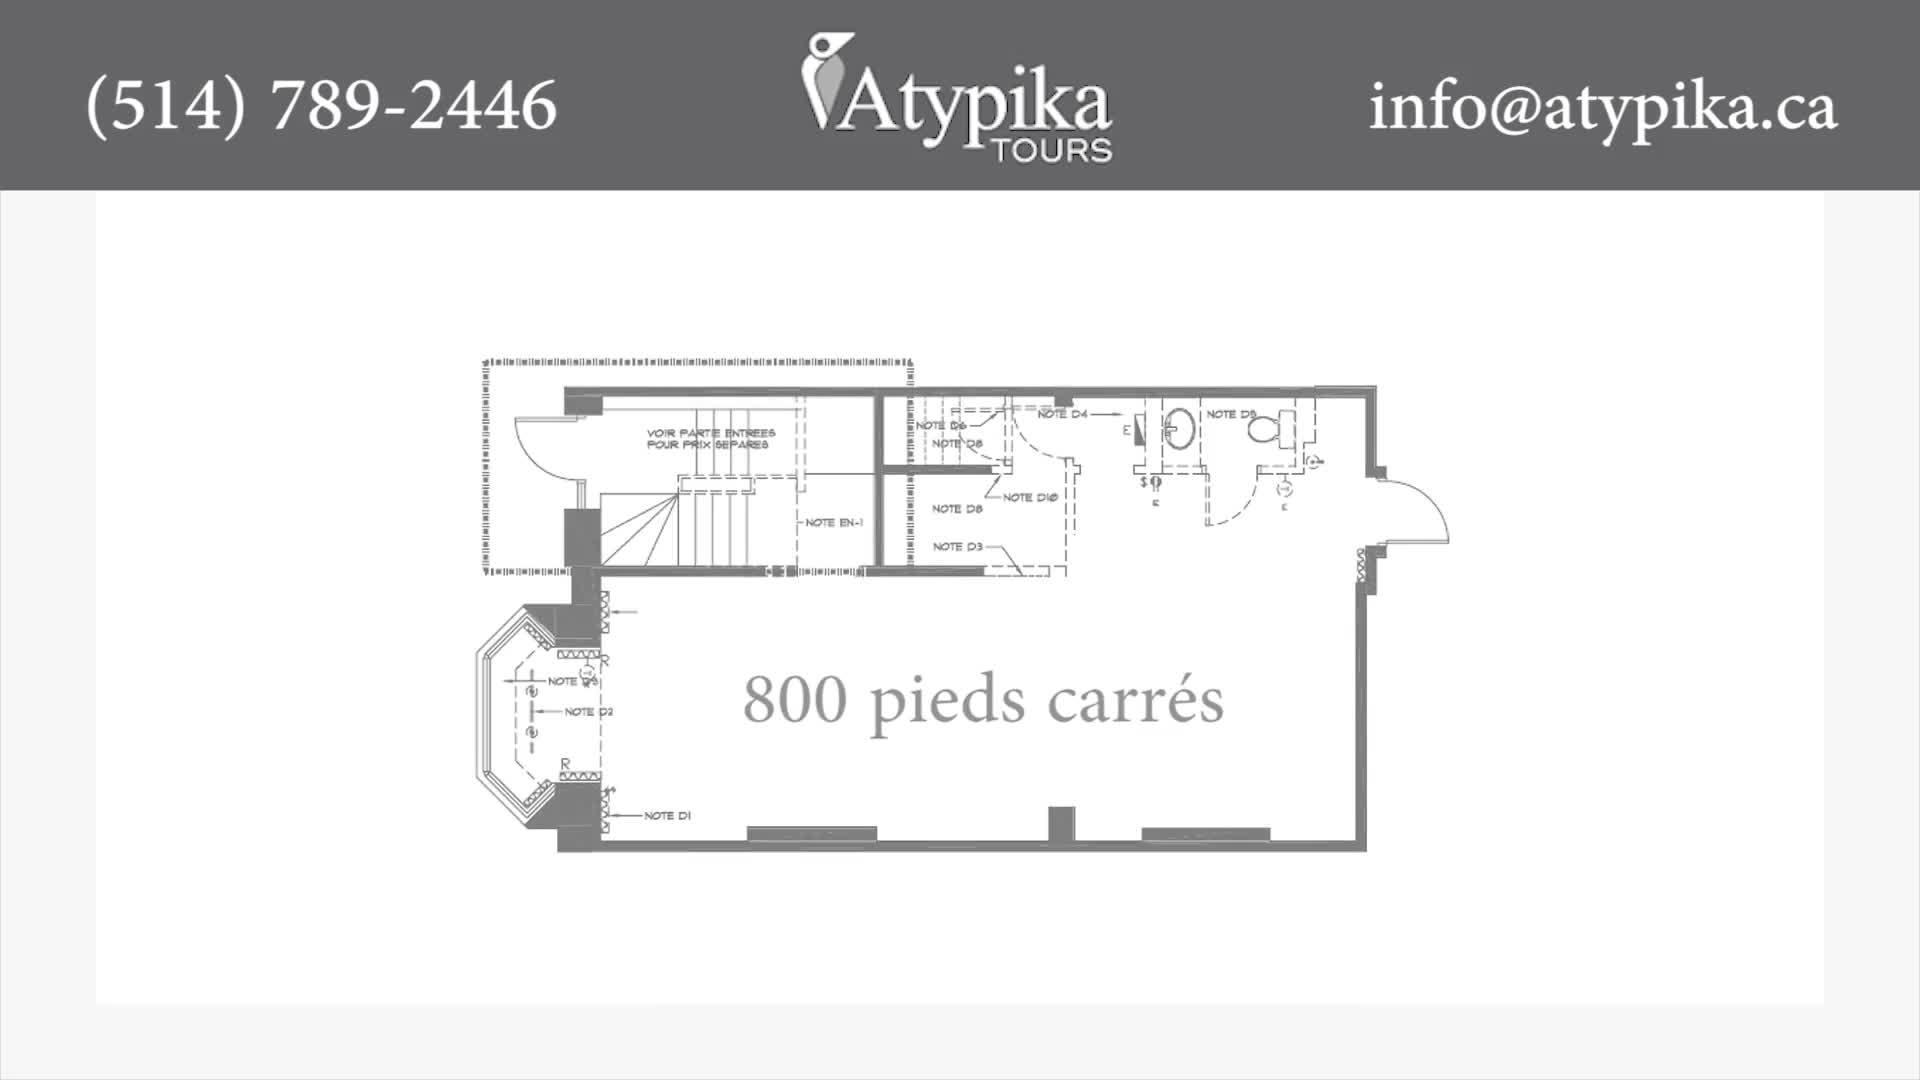 Atypika - Agences de voyages - 514-789-2446